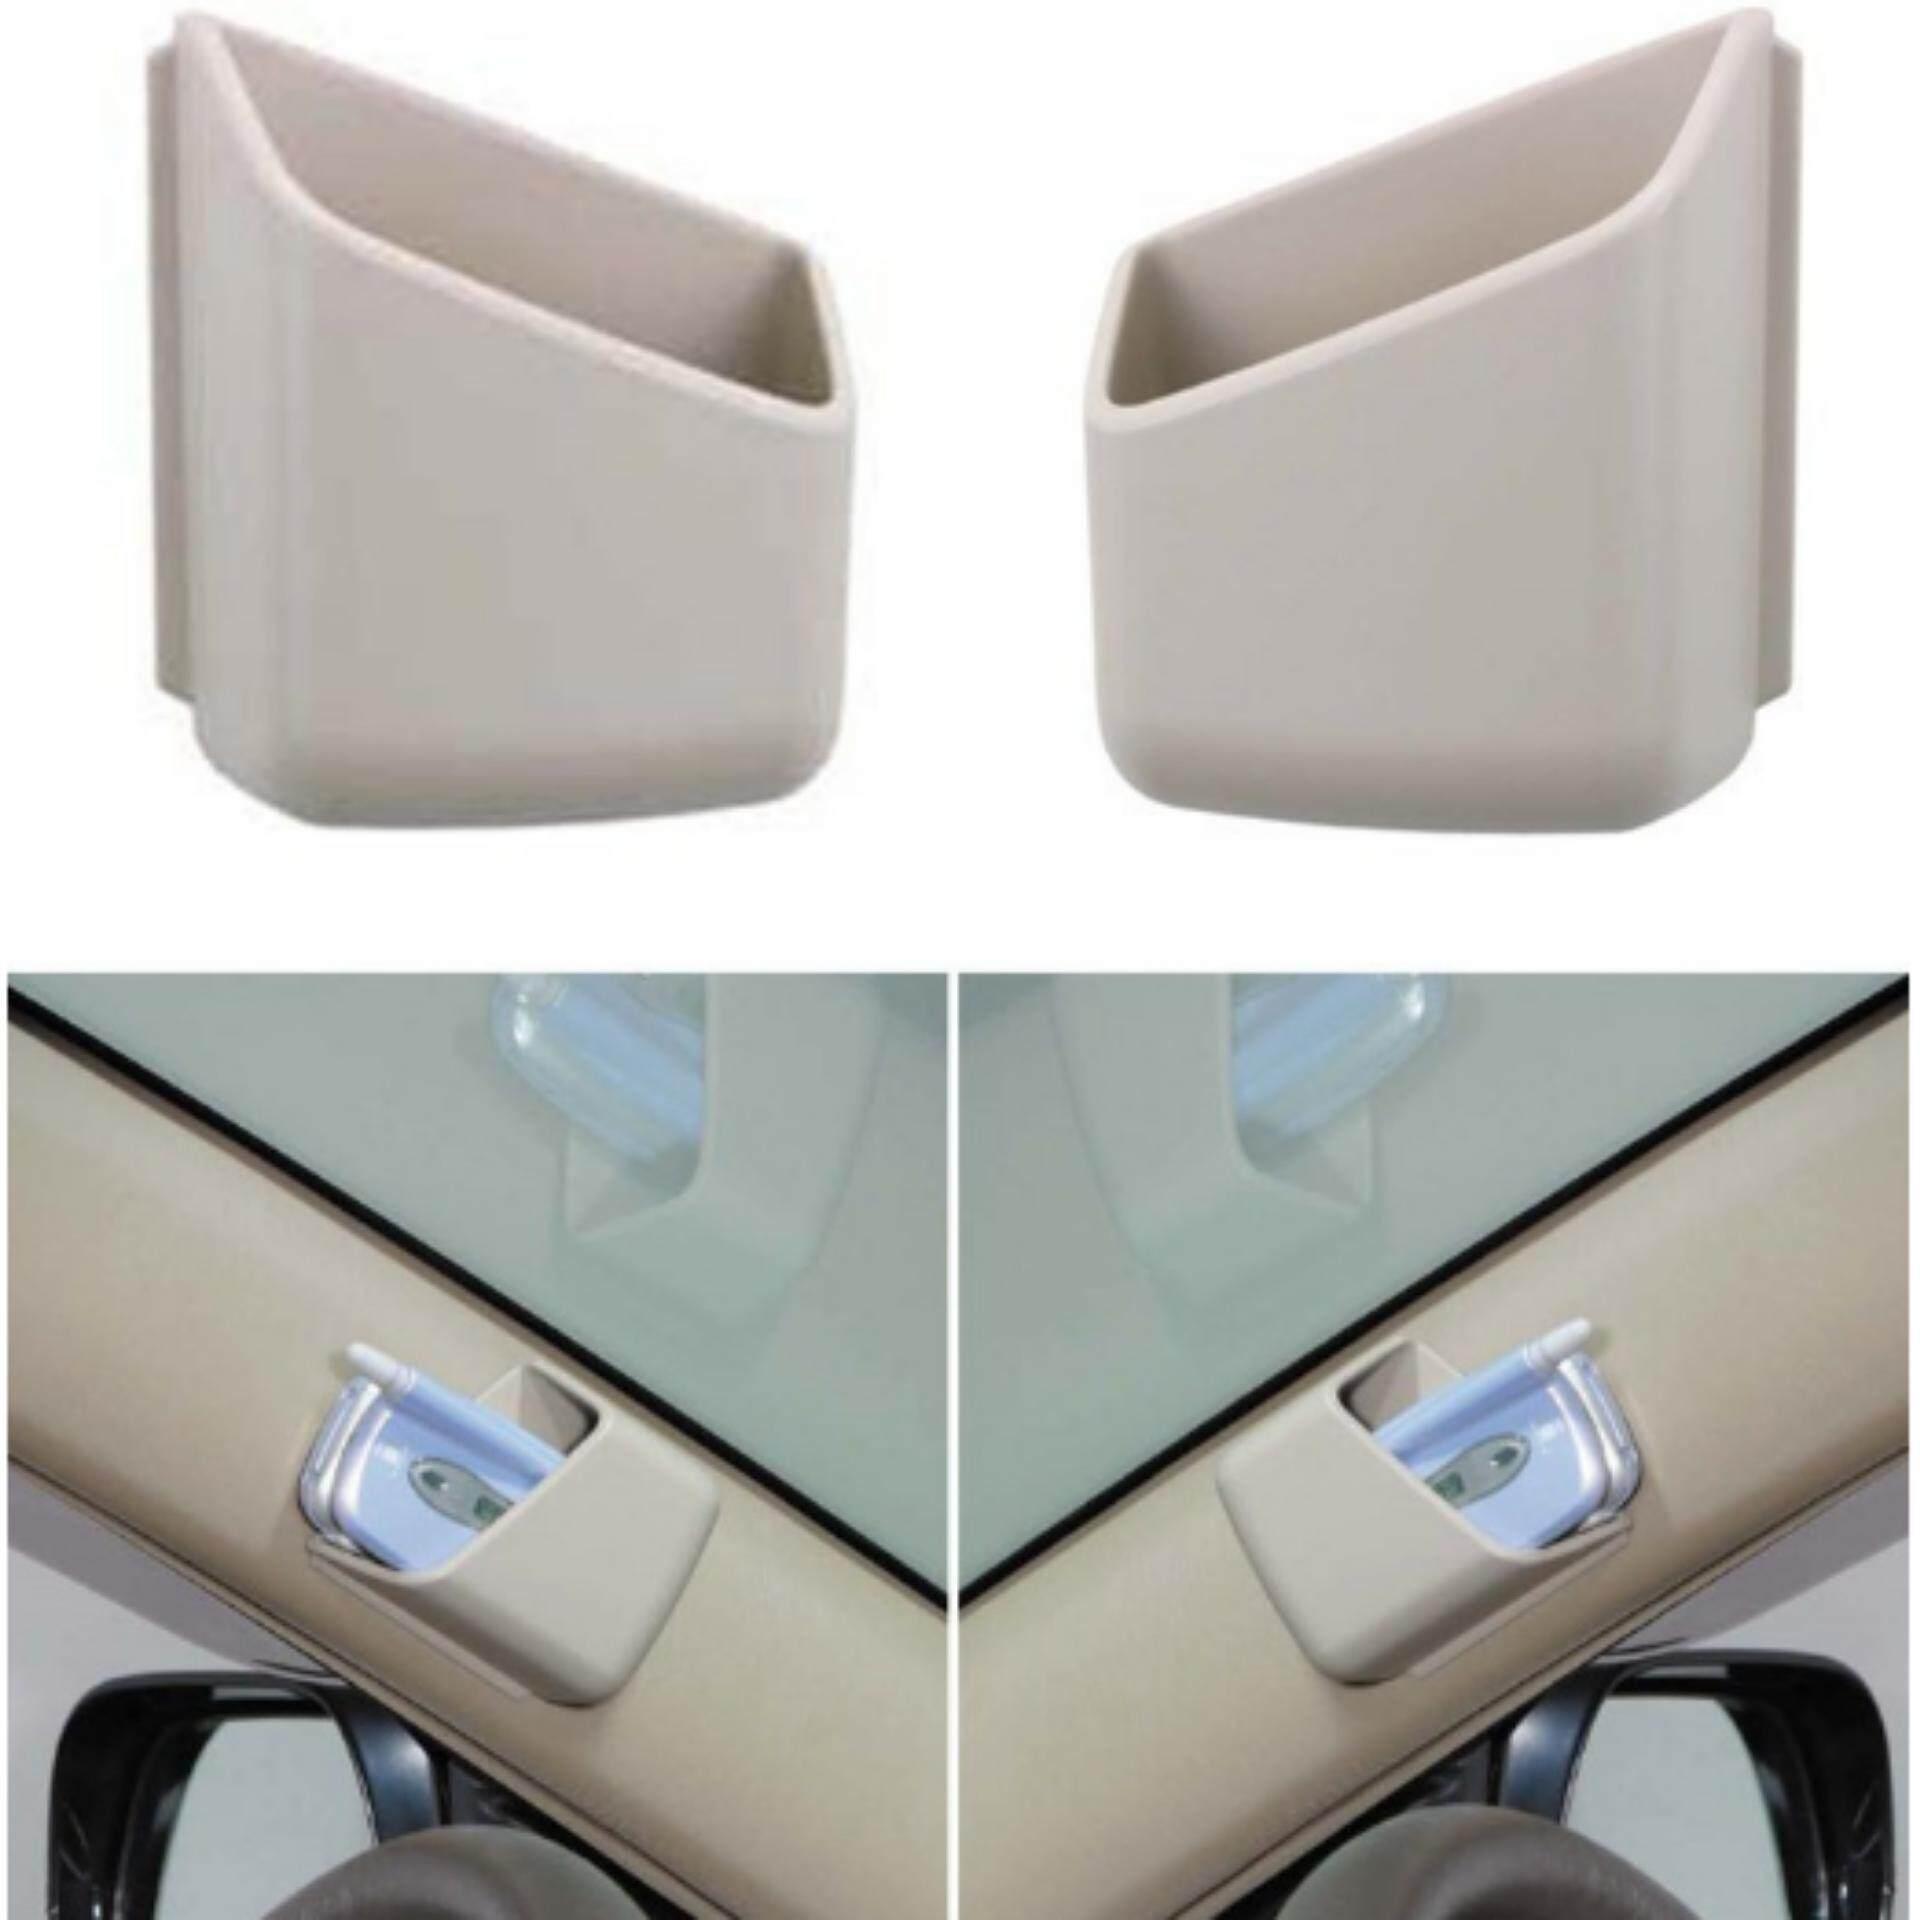 Universal Car Organizer Storage Bag Box Holder Pocket Accessories Beige - intl